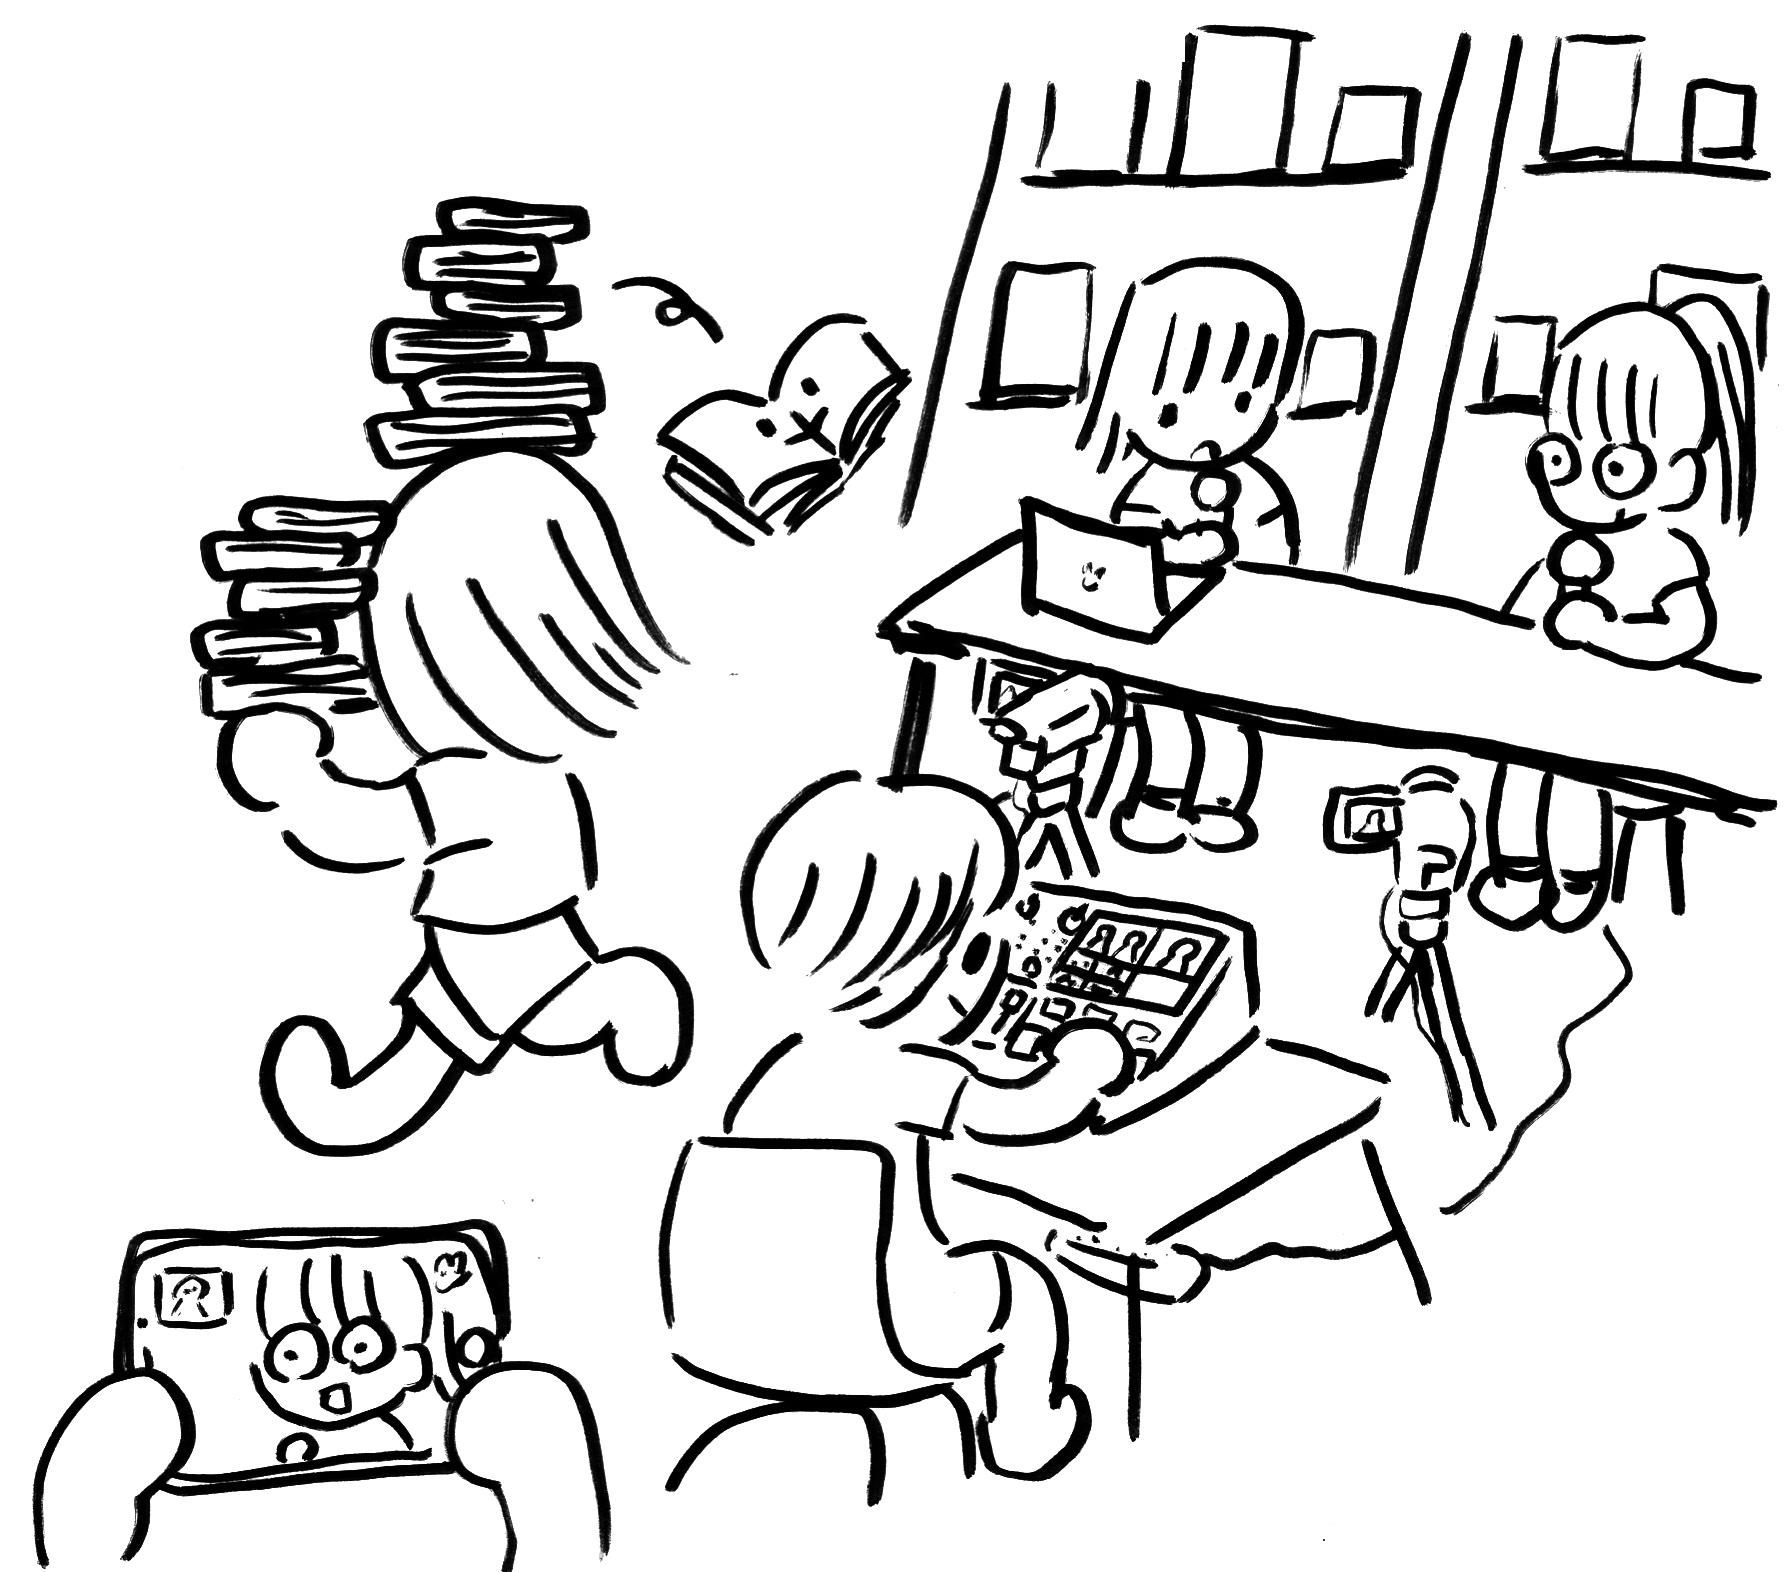 [月火休・お盆休]コ本や honkbooks 8月の休業日のお知らせ